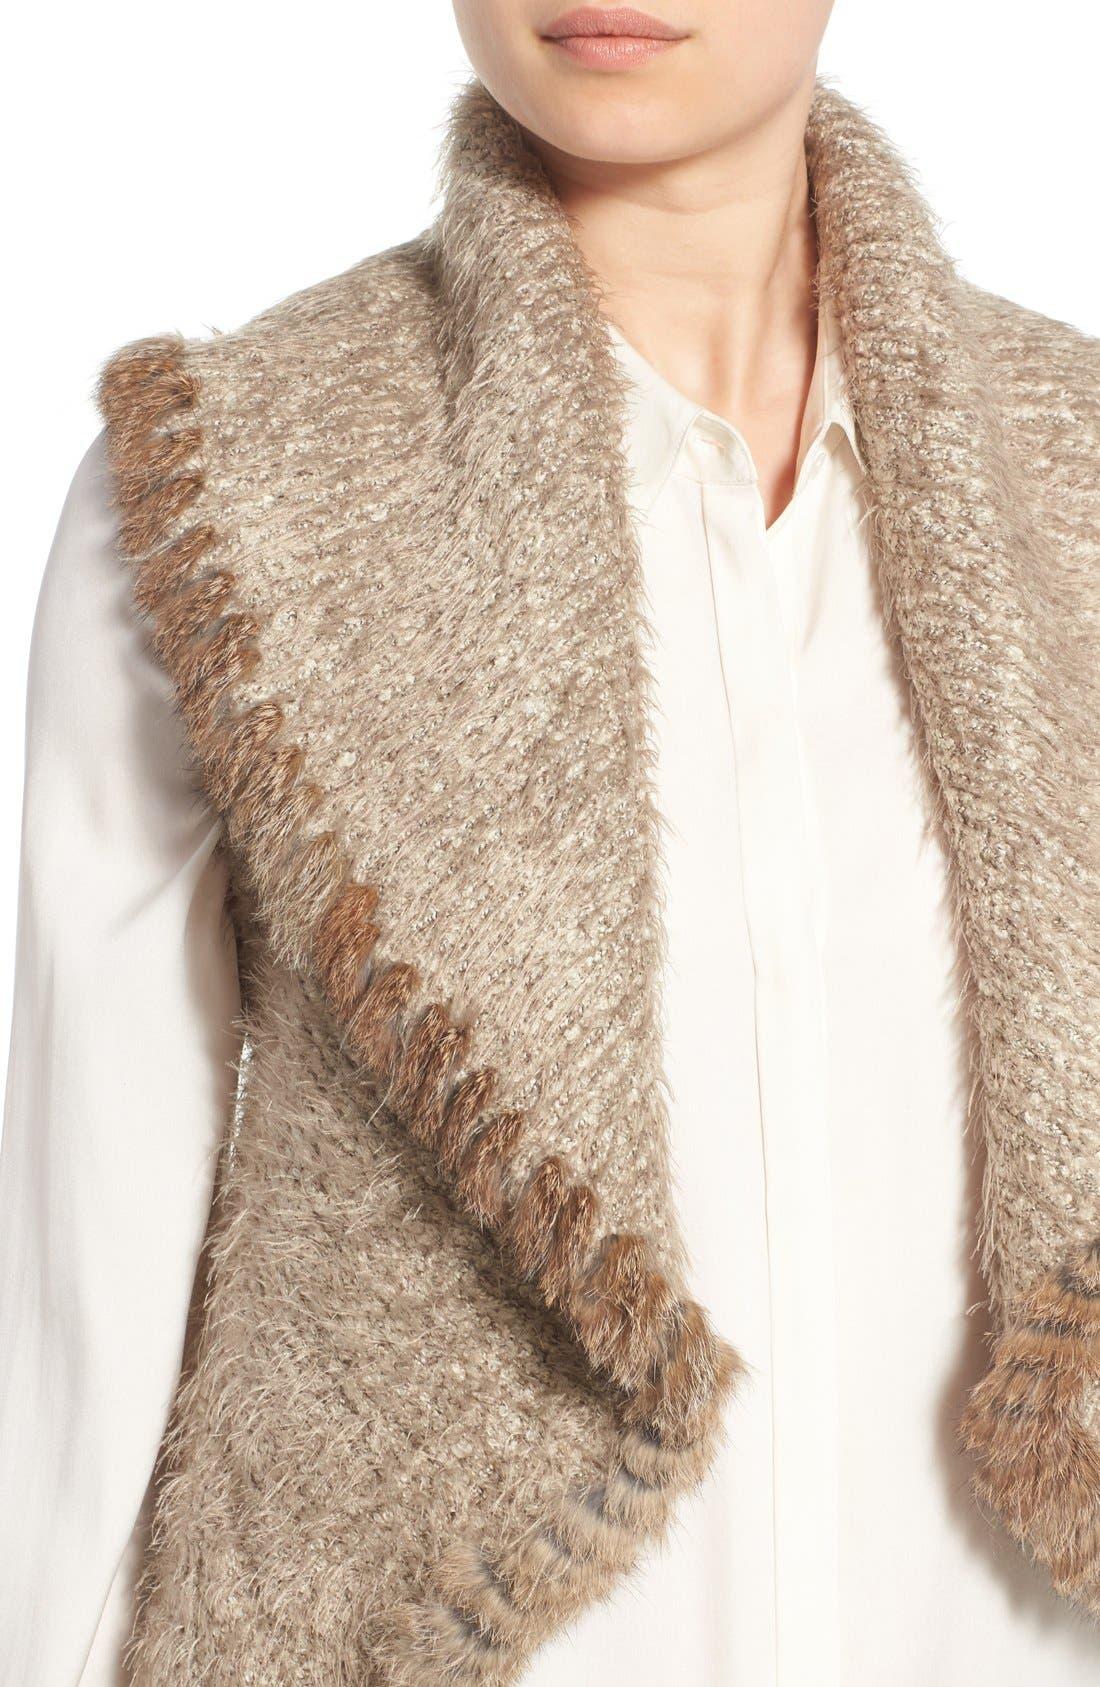 Knit Vest with Genuine Rabbit Fur Trim,                             Alternate thumbnail 5, color,